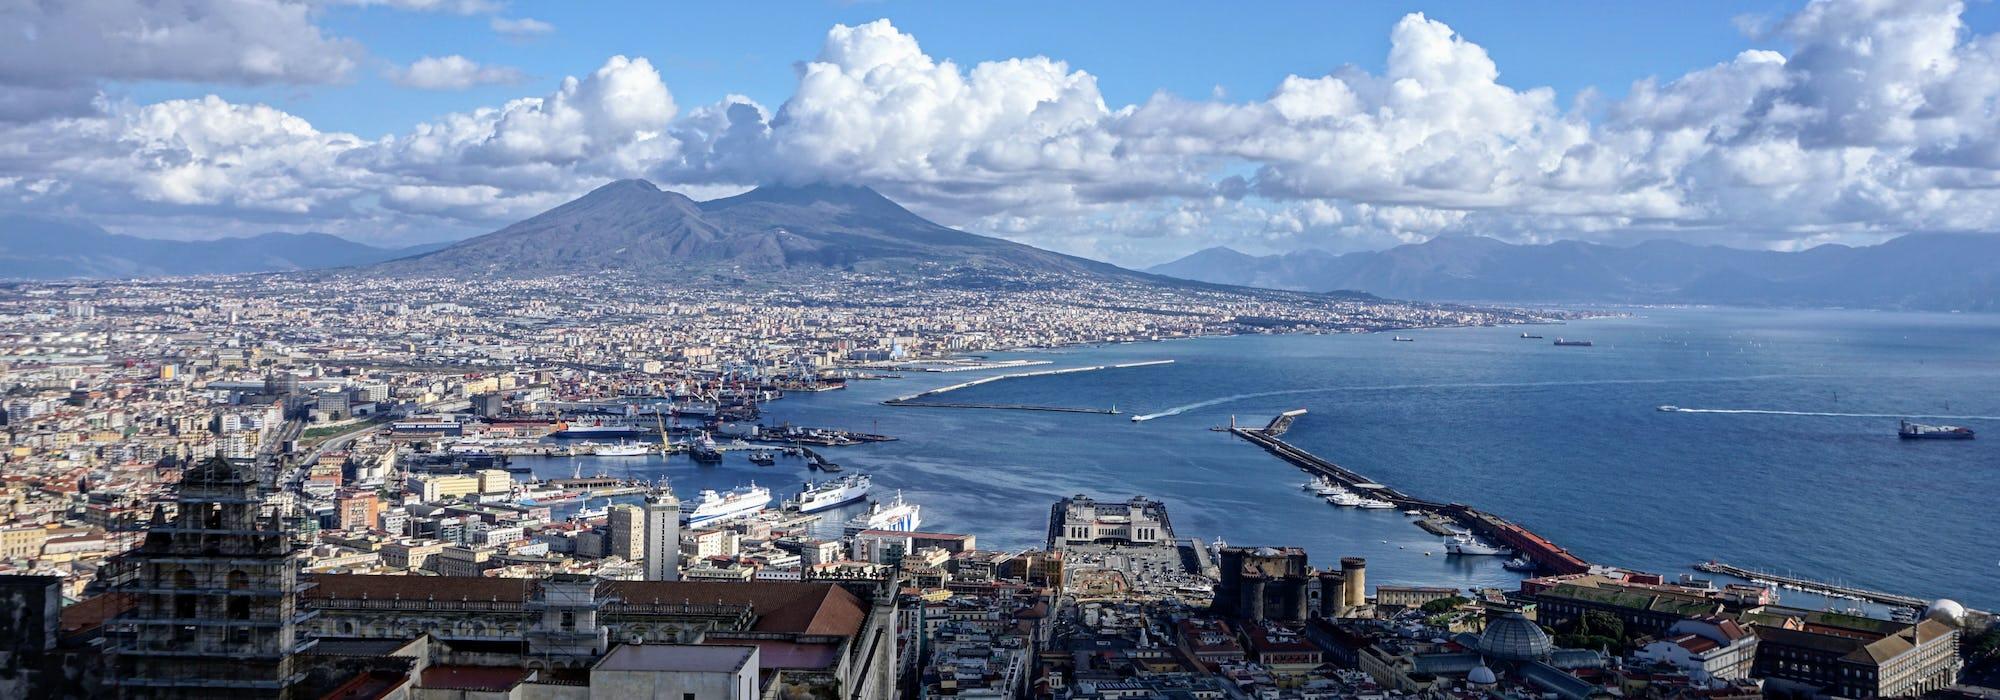 Bild från ovan på Neapels hamn med mängder av byggnader och vulkanen Vesuvius i bakgrunden.